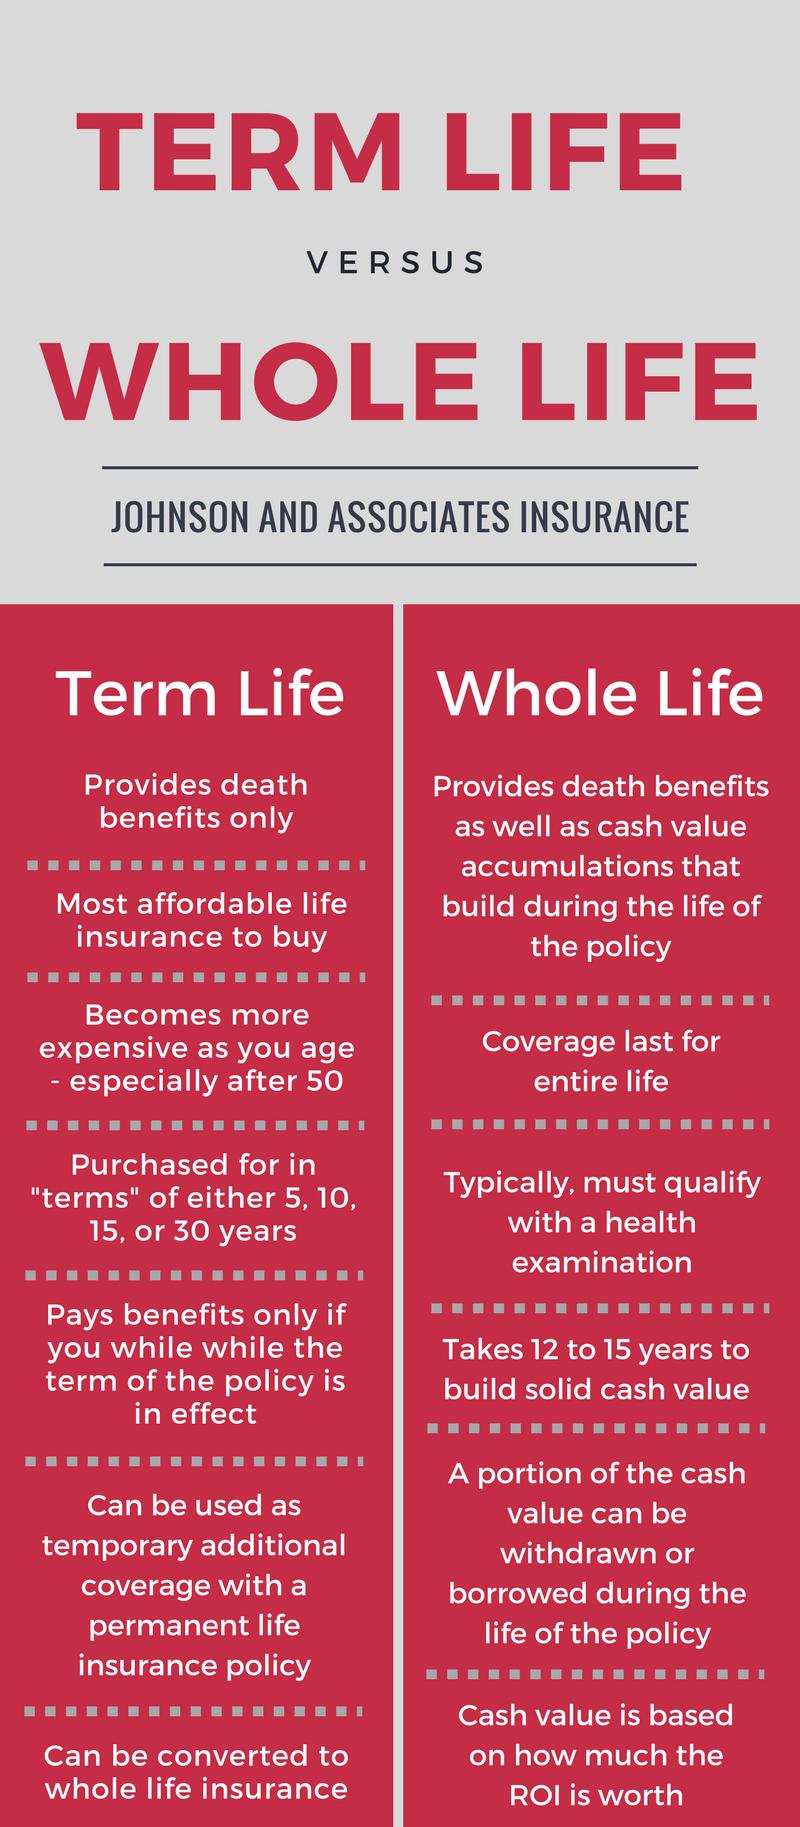 Term Life Insurance vs. Whole Life Insurance - Johnson ...